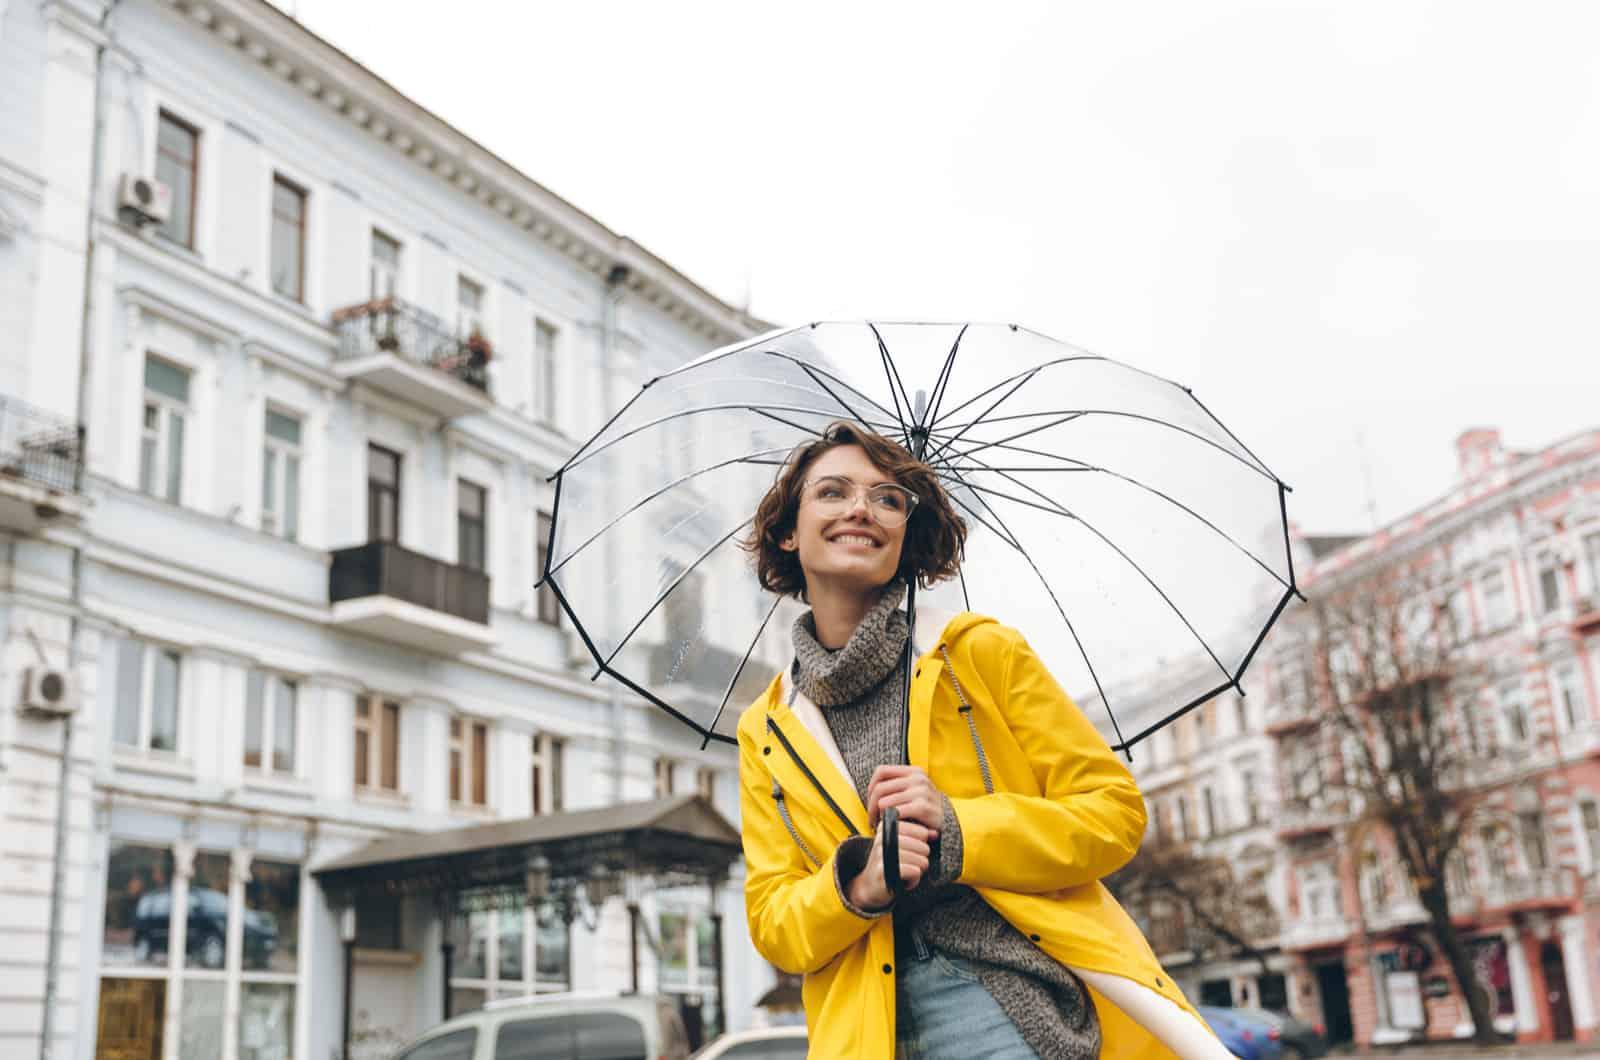 lachelnde junge frau in einem gelben regenmantel und einem regenschirm